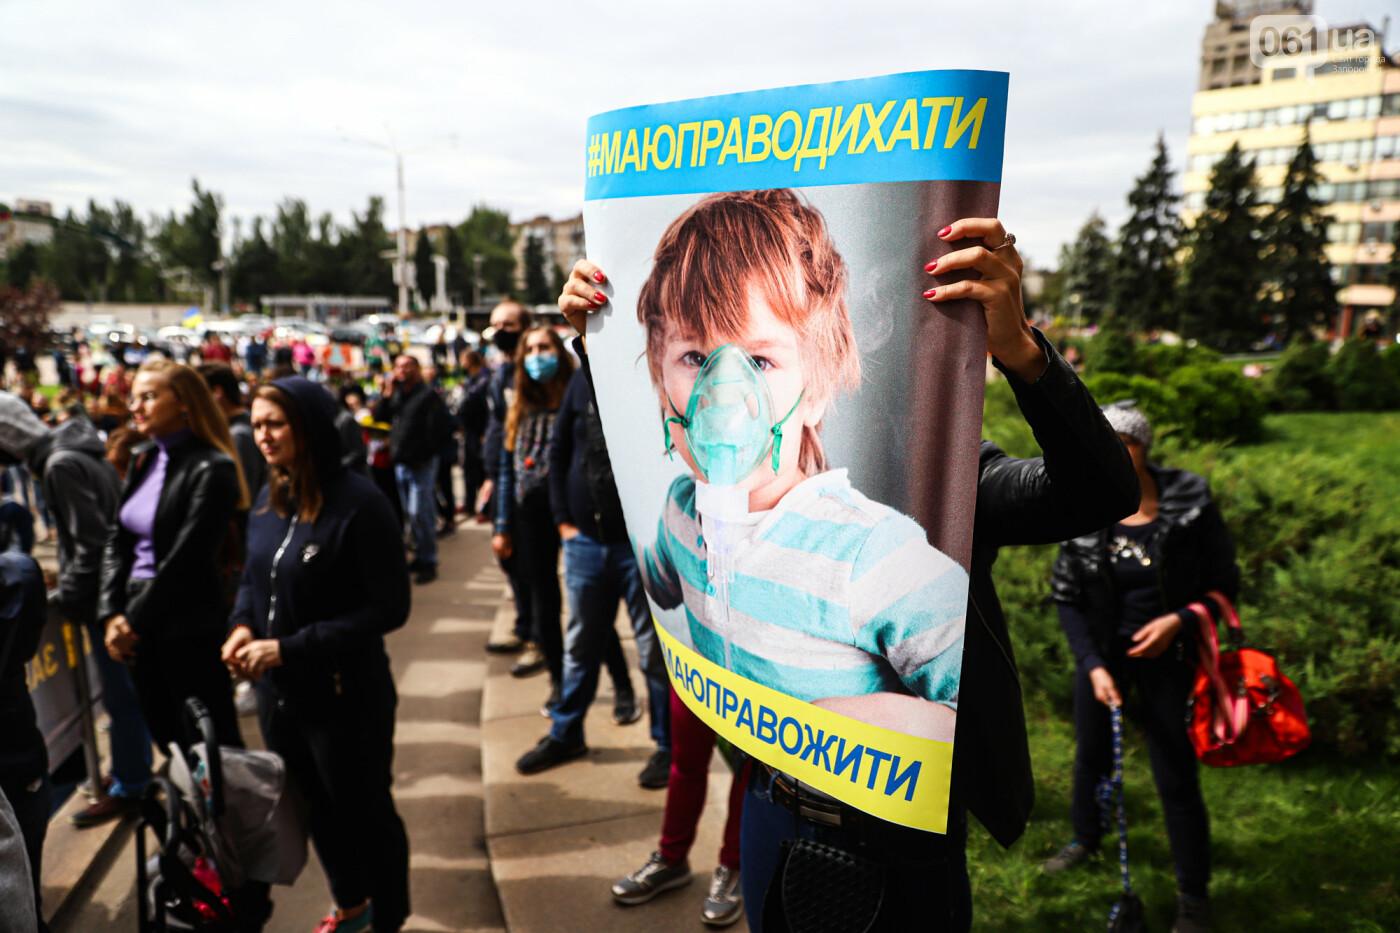 Маю право дихати: тысячи запорожцев вышли на экологический митинг, ФОТО, ВИДЕО, фото-23